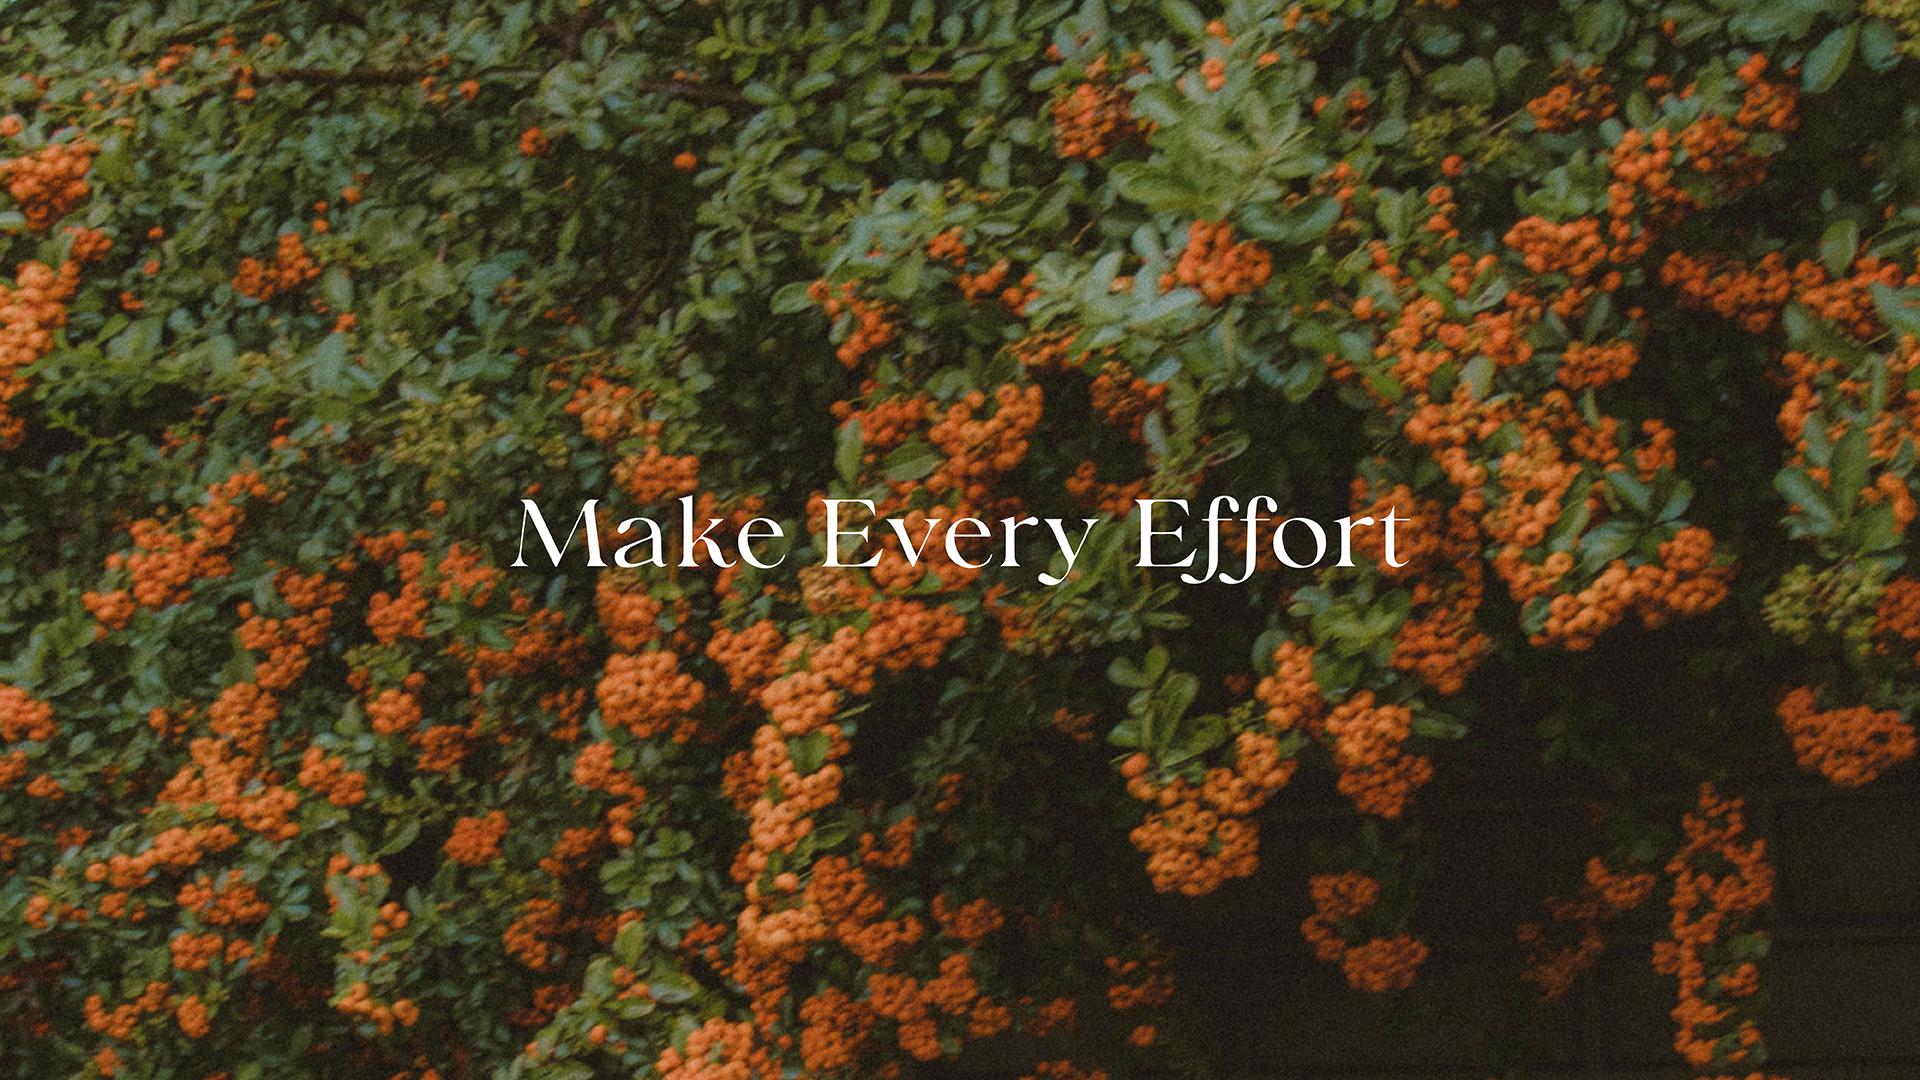 Series: Make Every Effort